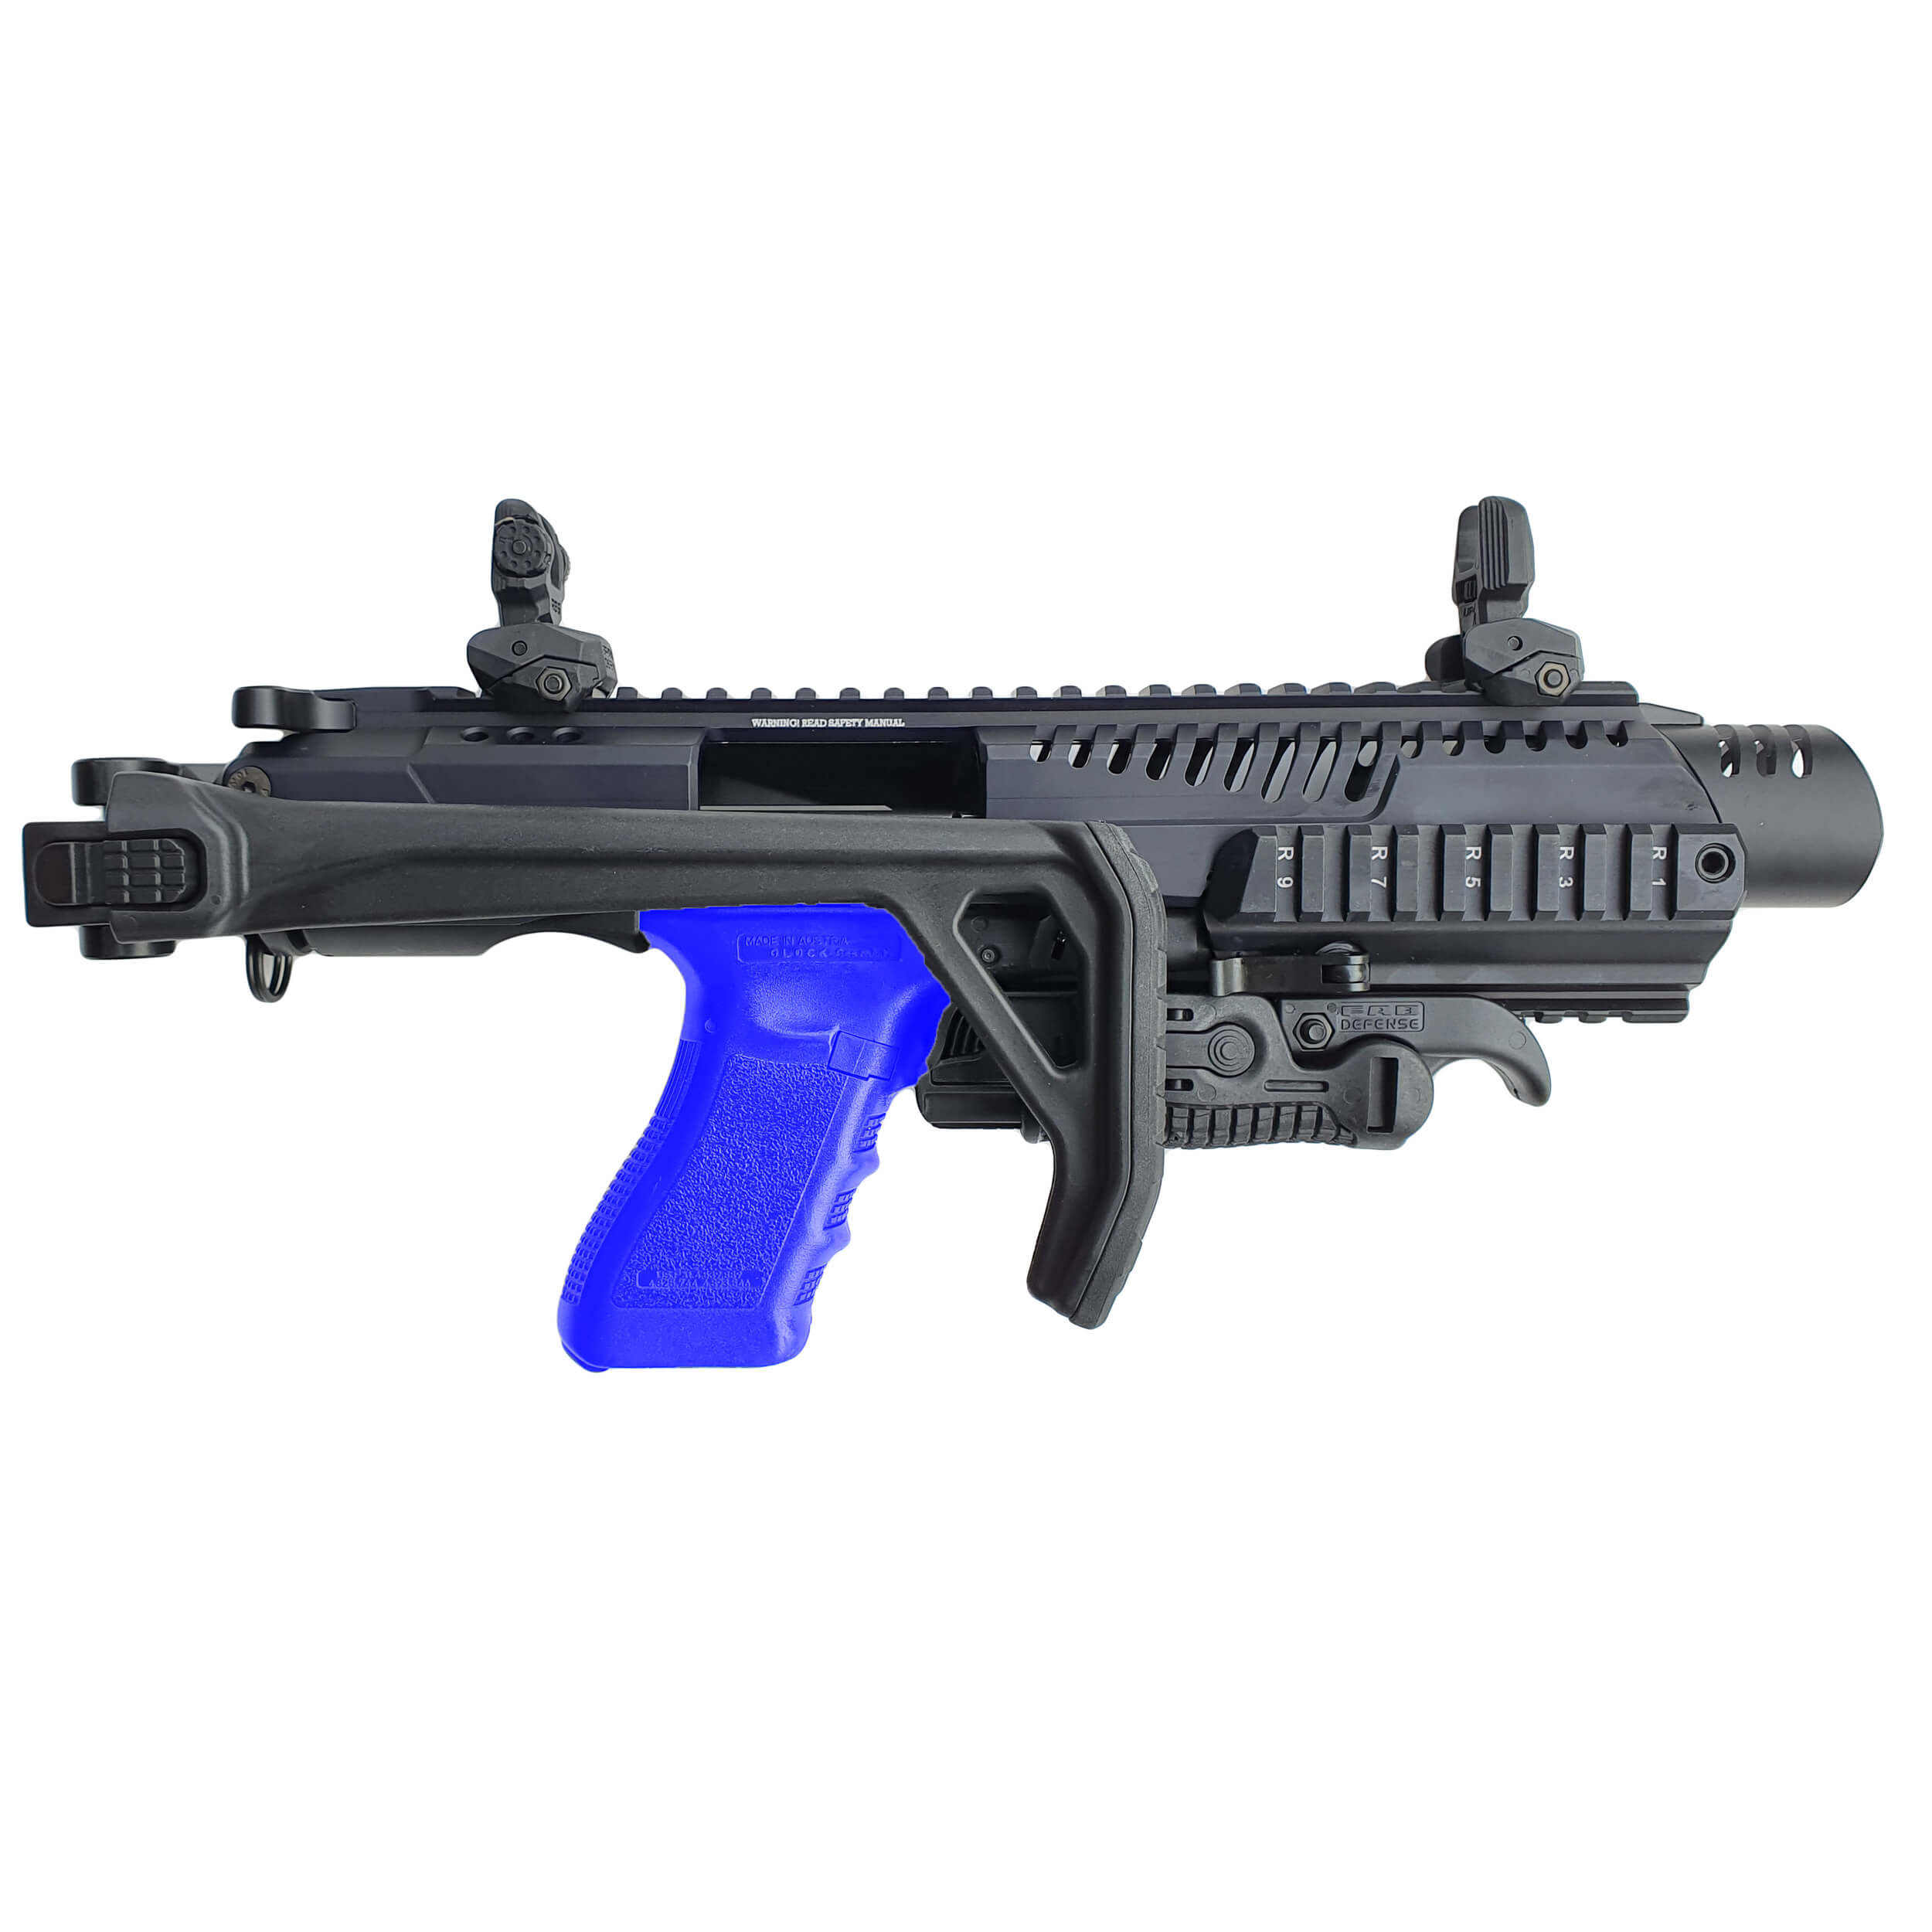 KPOS G2 Jericho 941 F